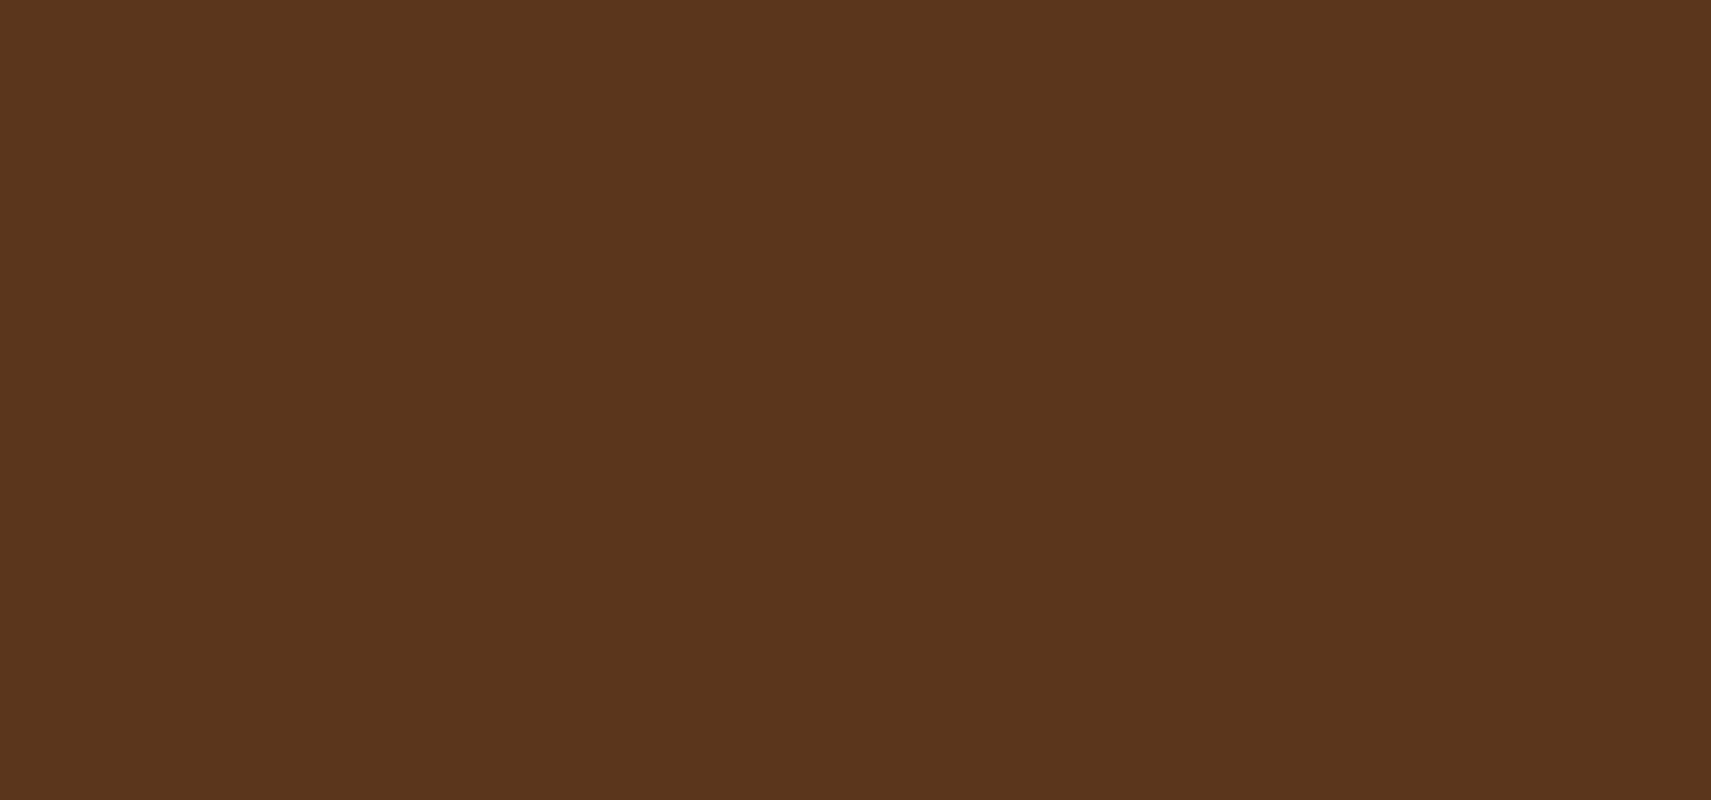 Aduis Acryliic acrylverf - 500 ml, bruin